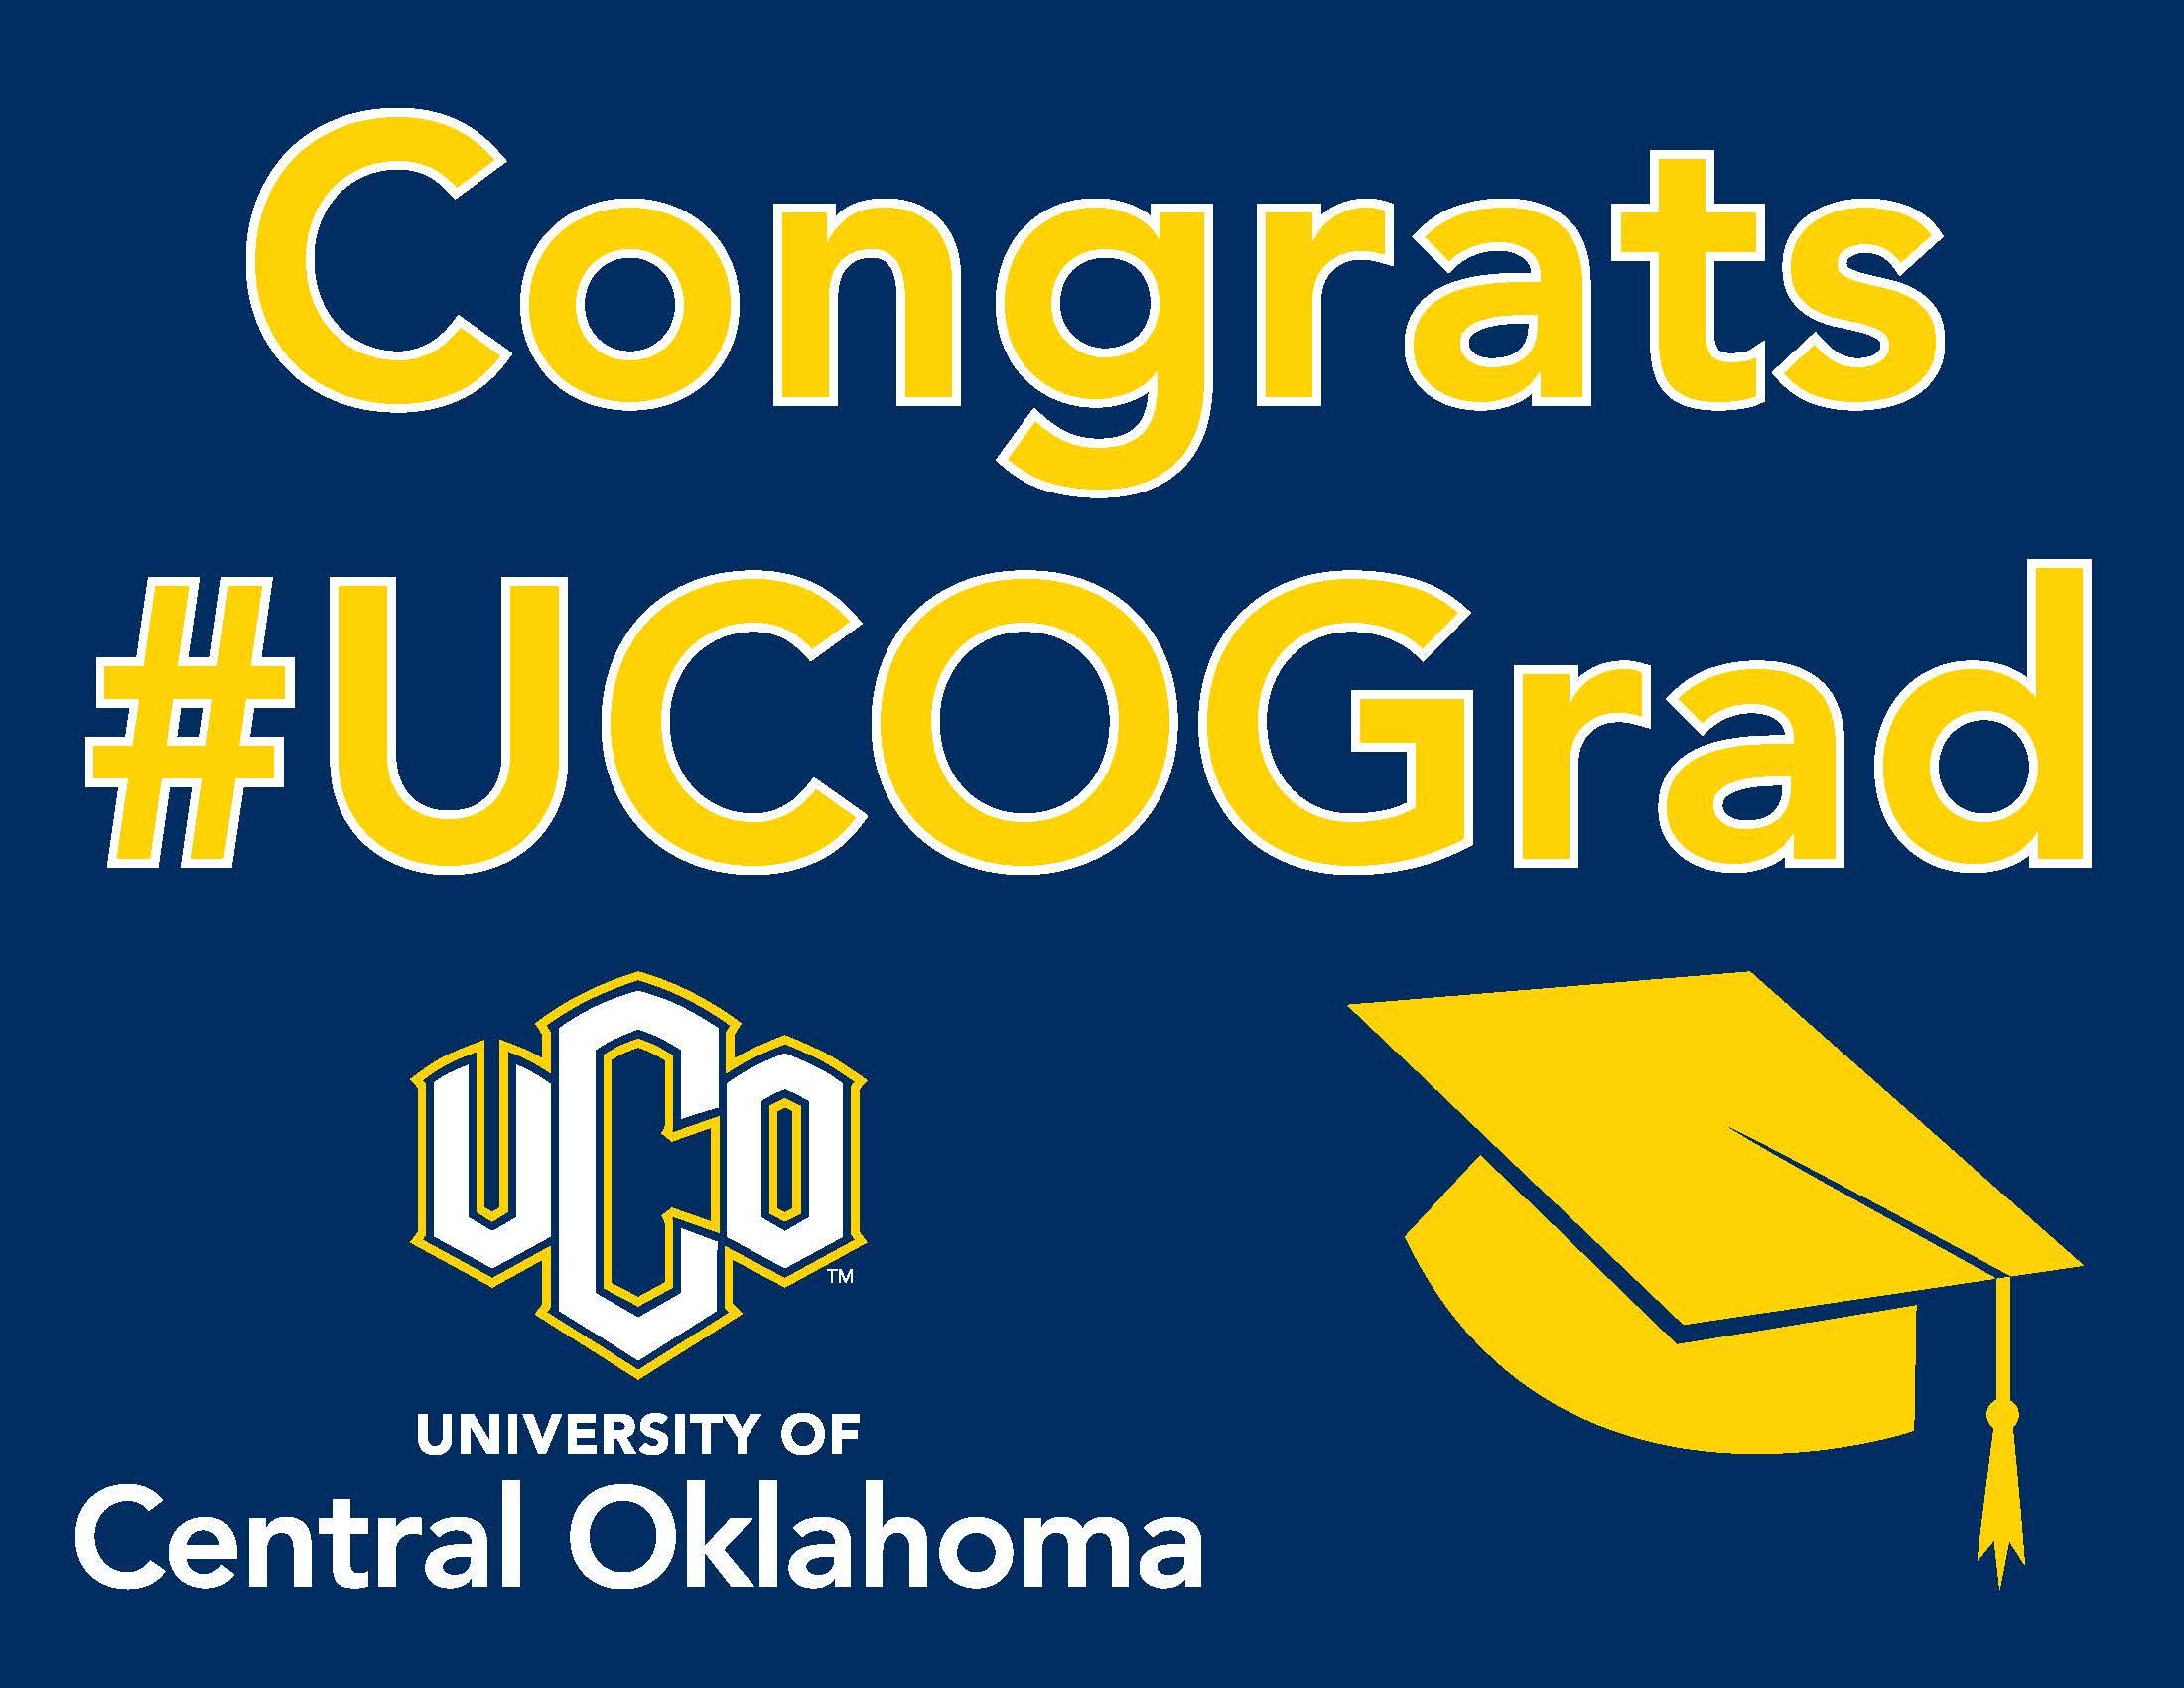 Congrats #UCOGrad graphic sign